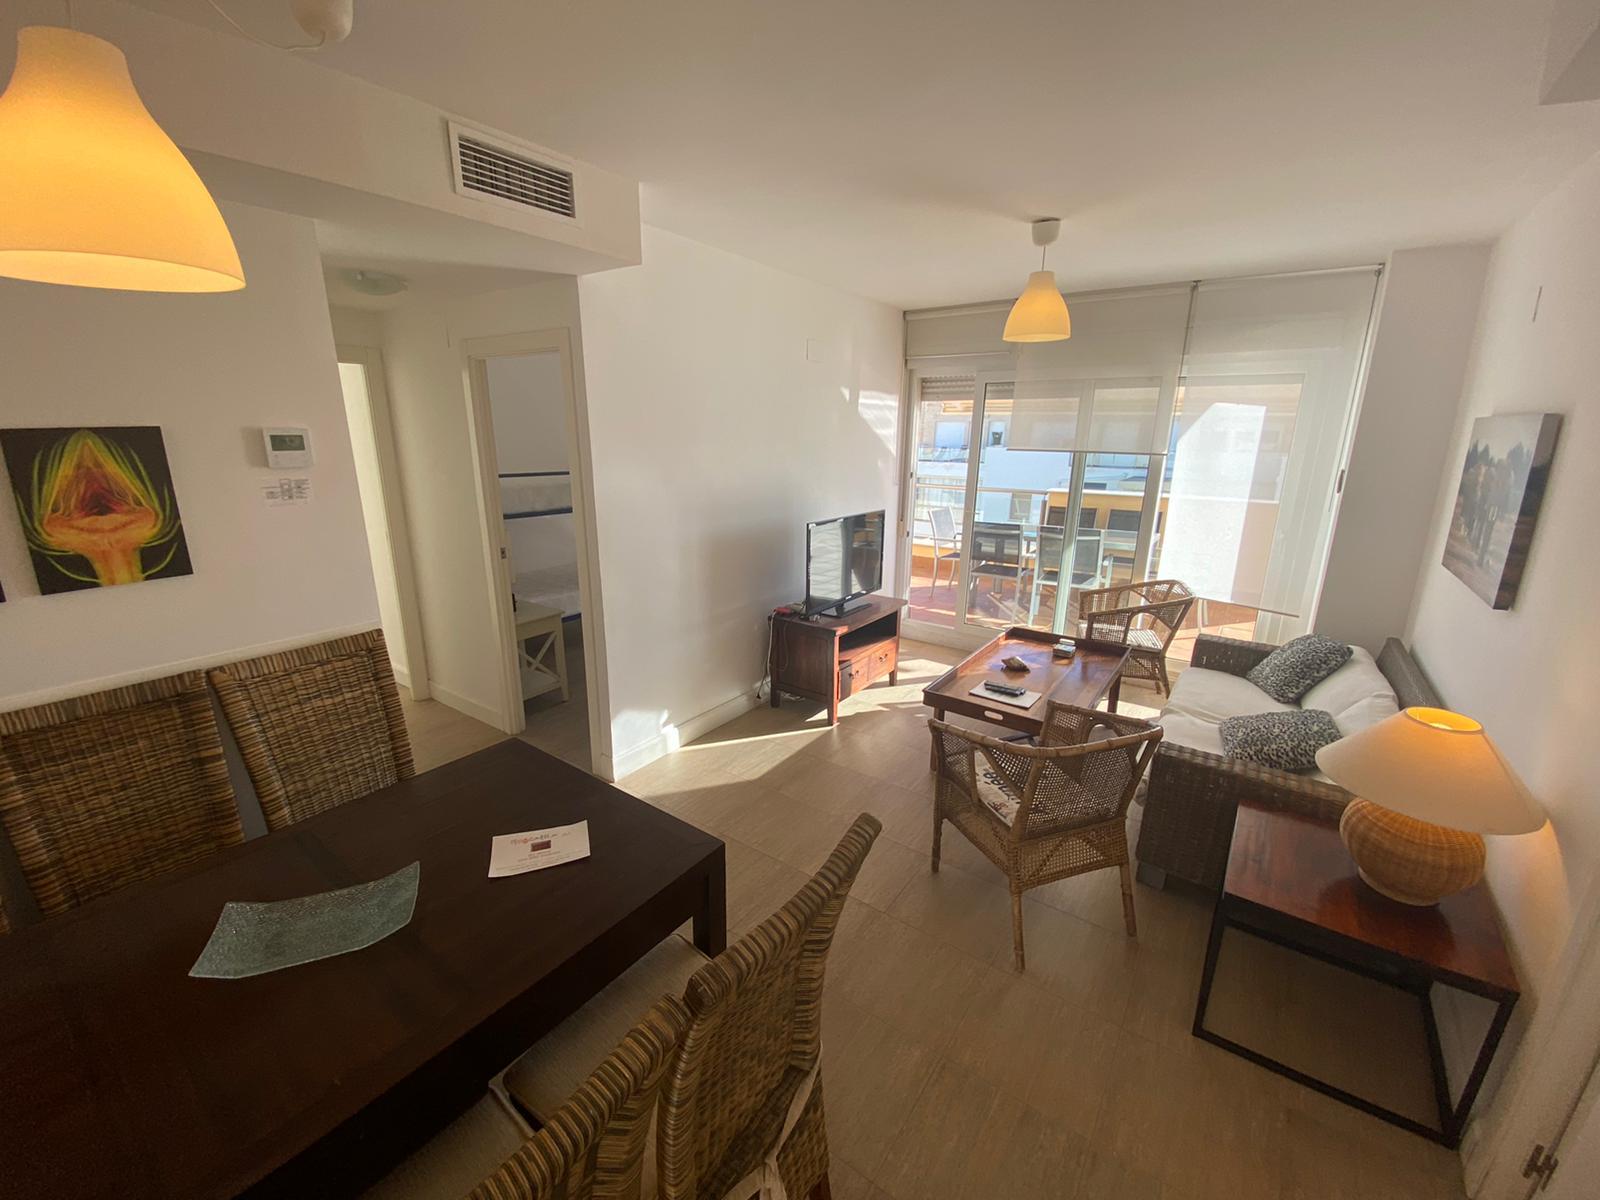 Imagen 2 del Apartamento Turístico, Ático 7 Levante (3d +2b), Punta del Moral (HUELVA), Paseo de la Cruz nº22